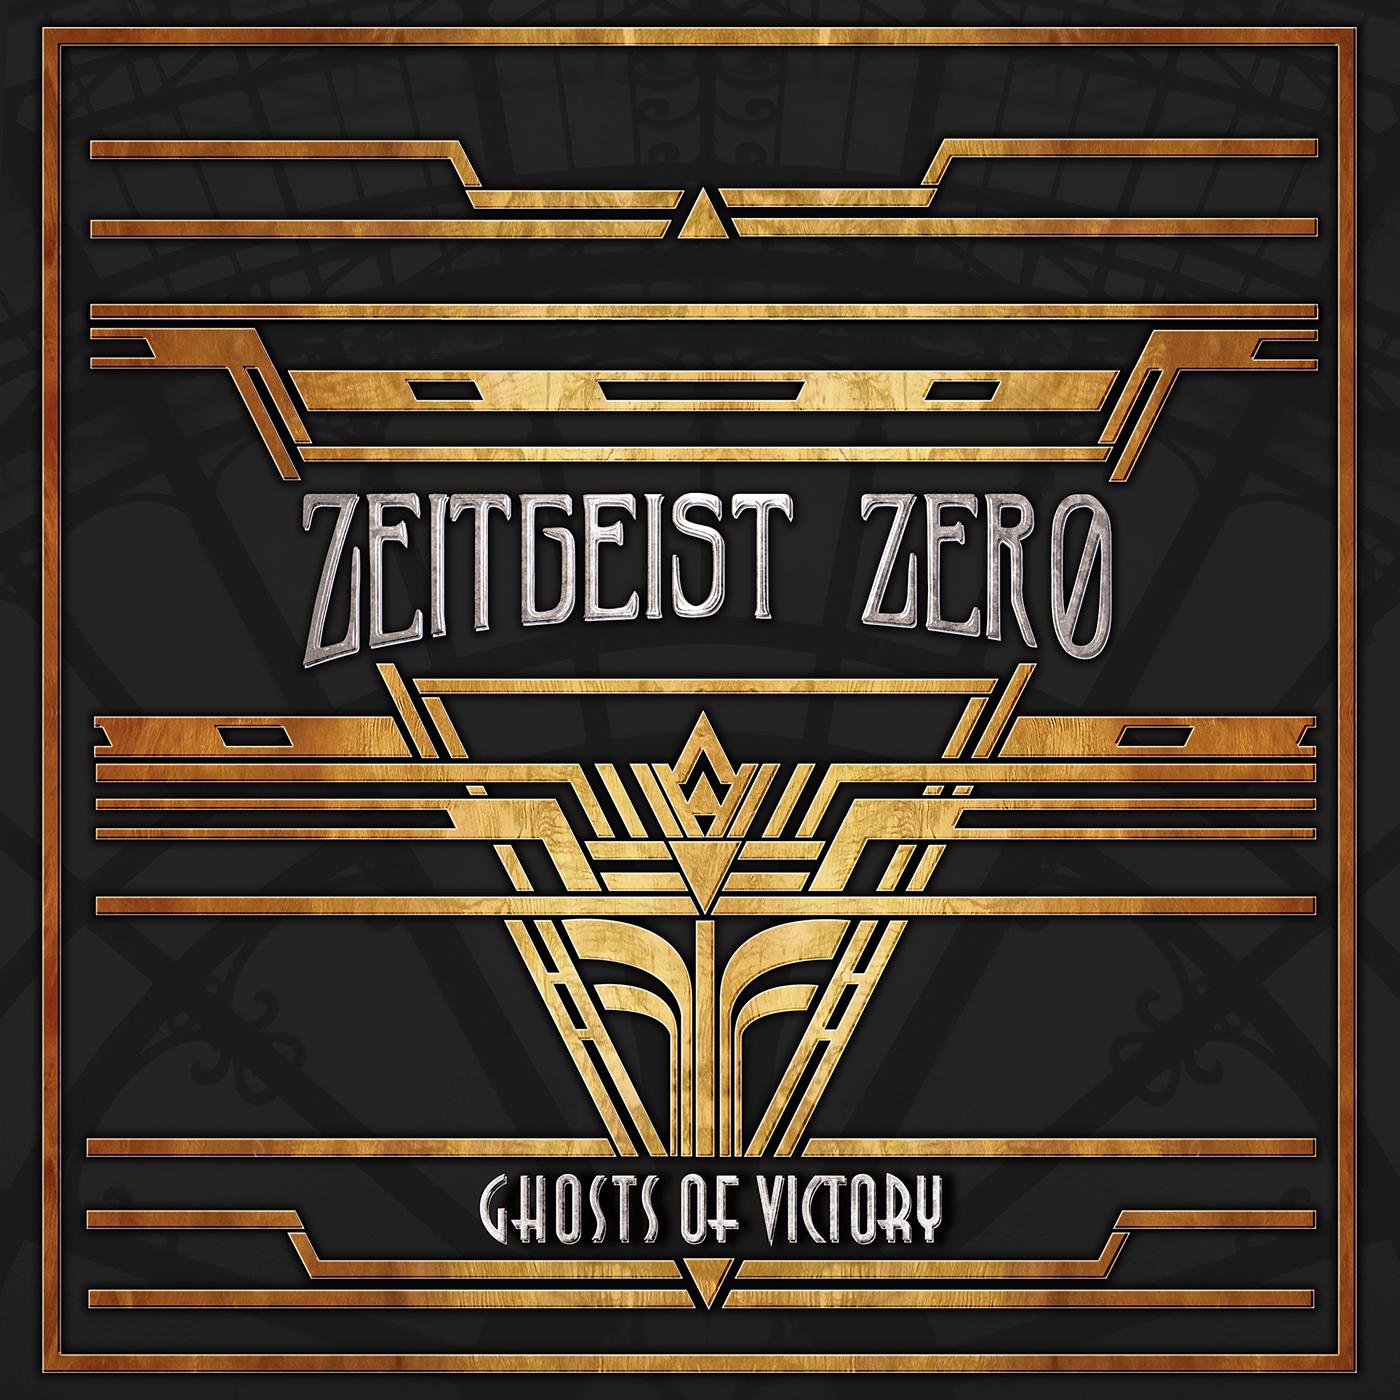 Ghosts of Victory - CD album (inc. download) - Zeitgeist Zero